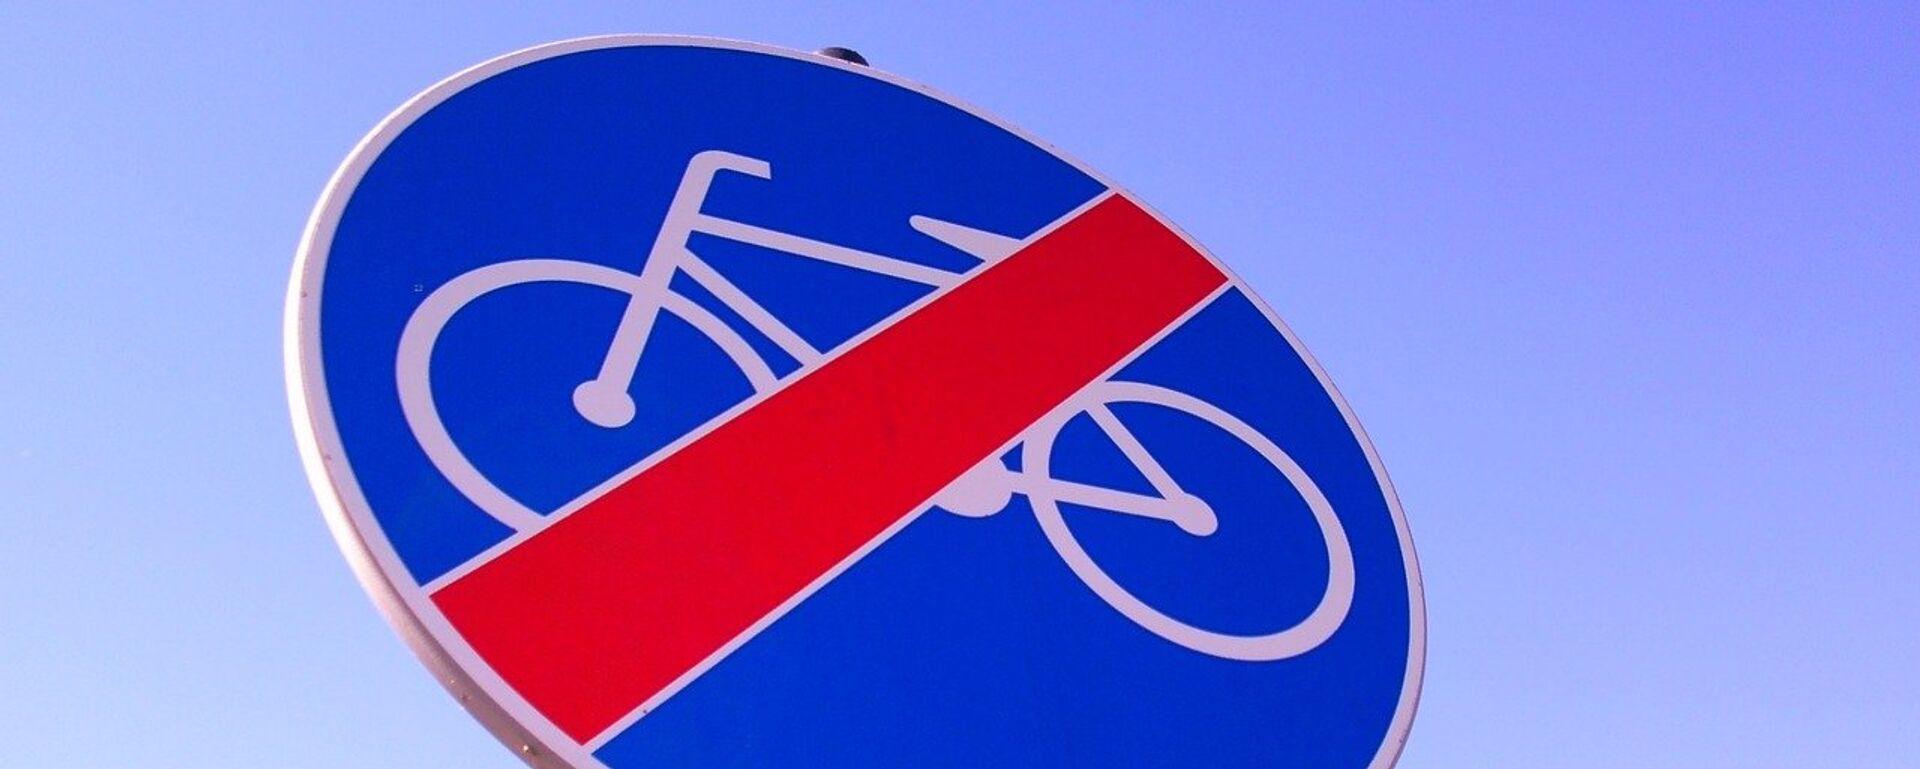 Знак Движение на велосипедах запрещено - Sputnik Латвия, 1920, 09.08.2019